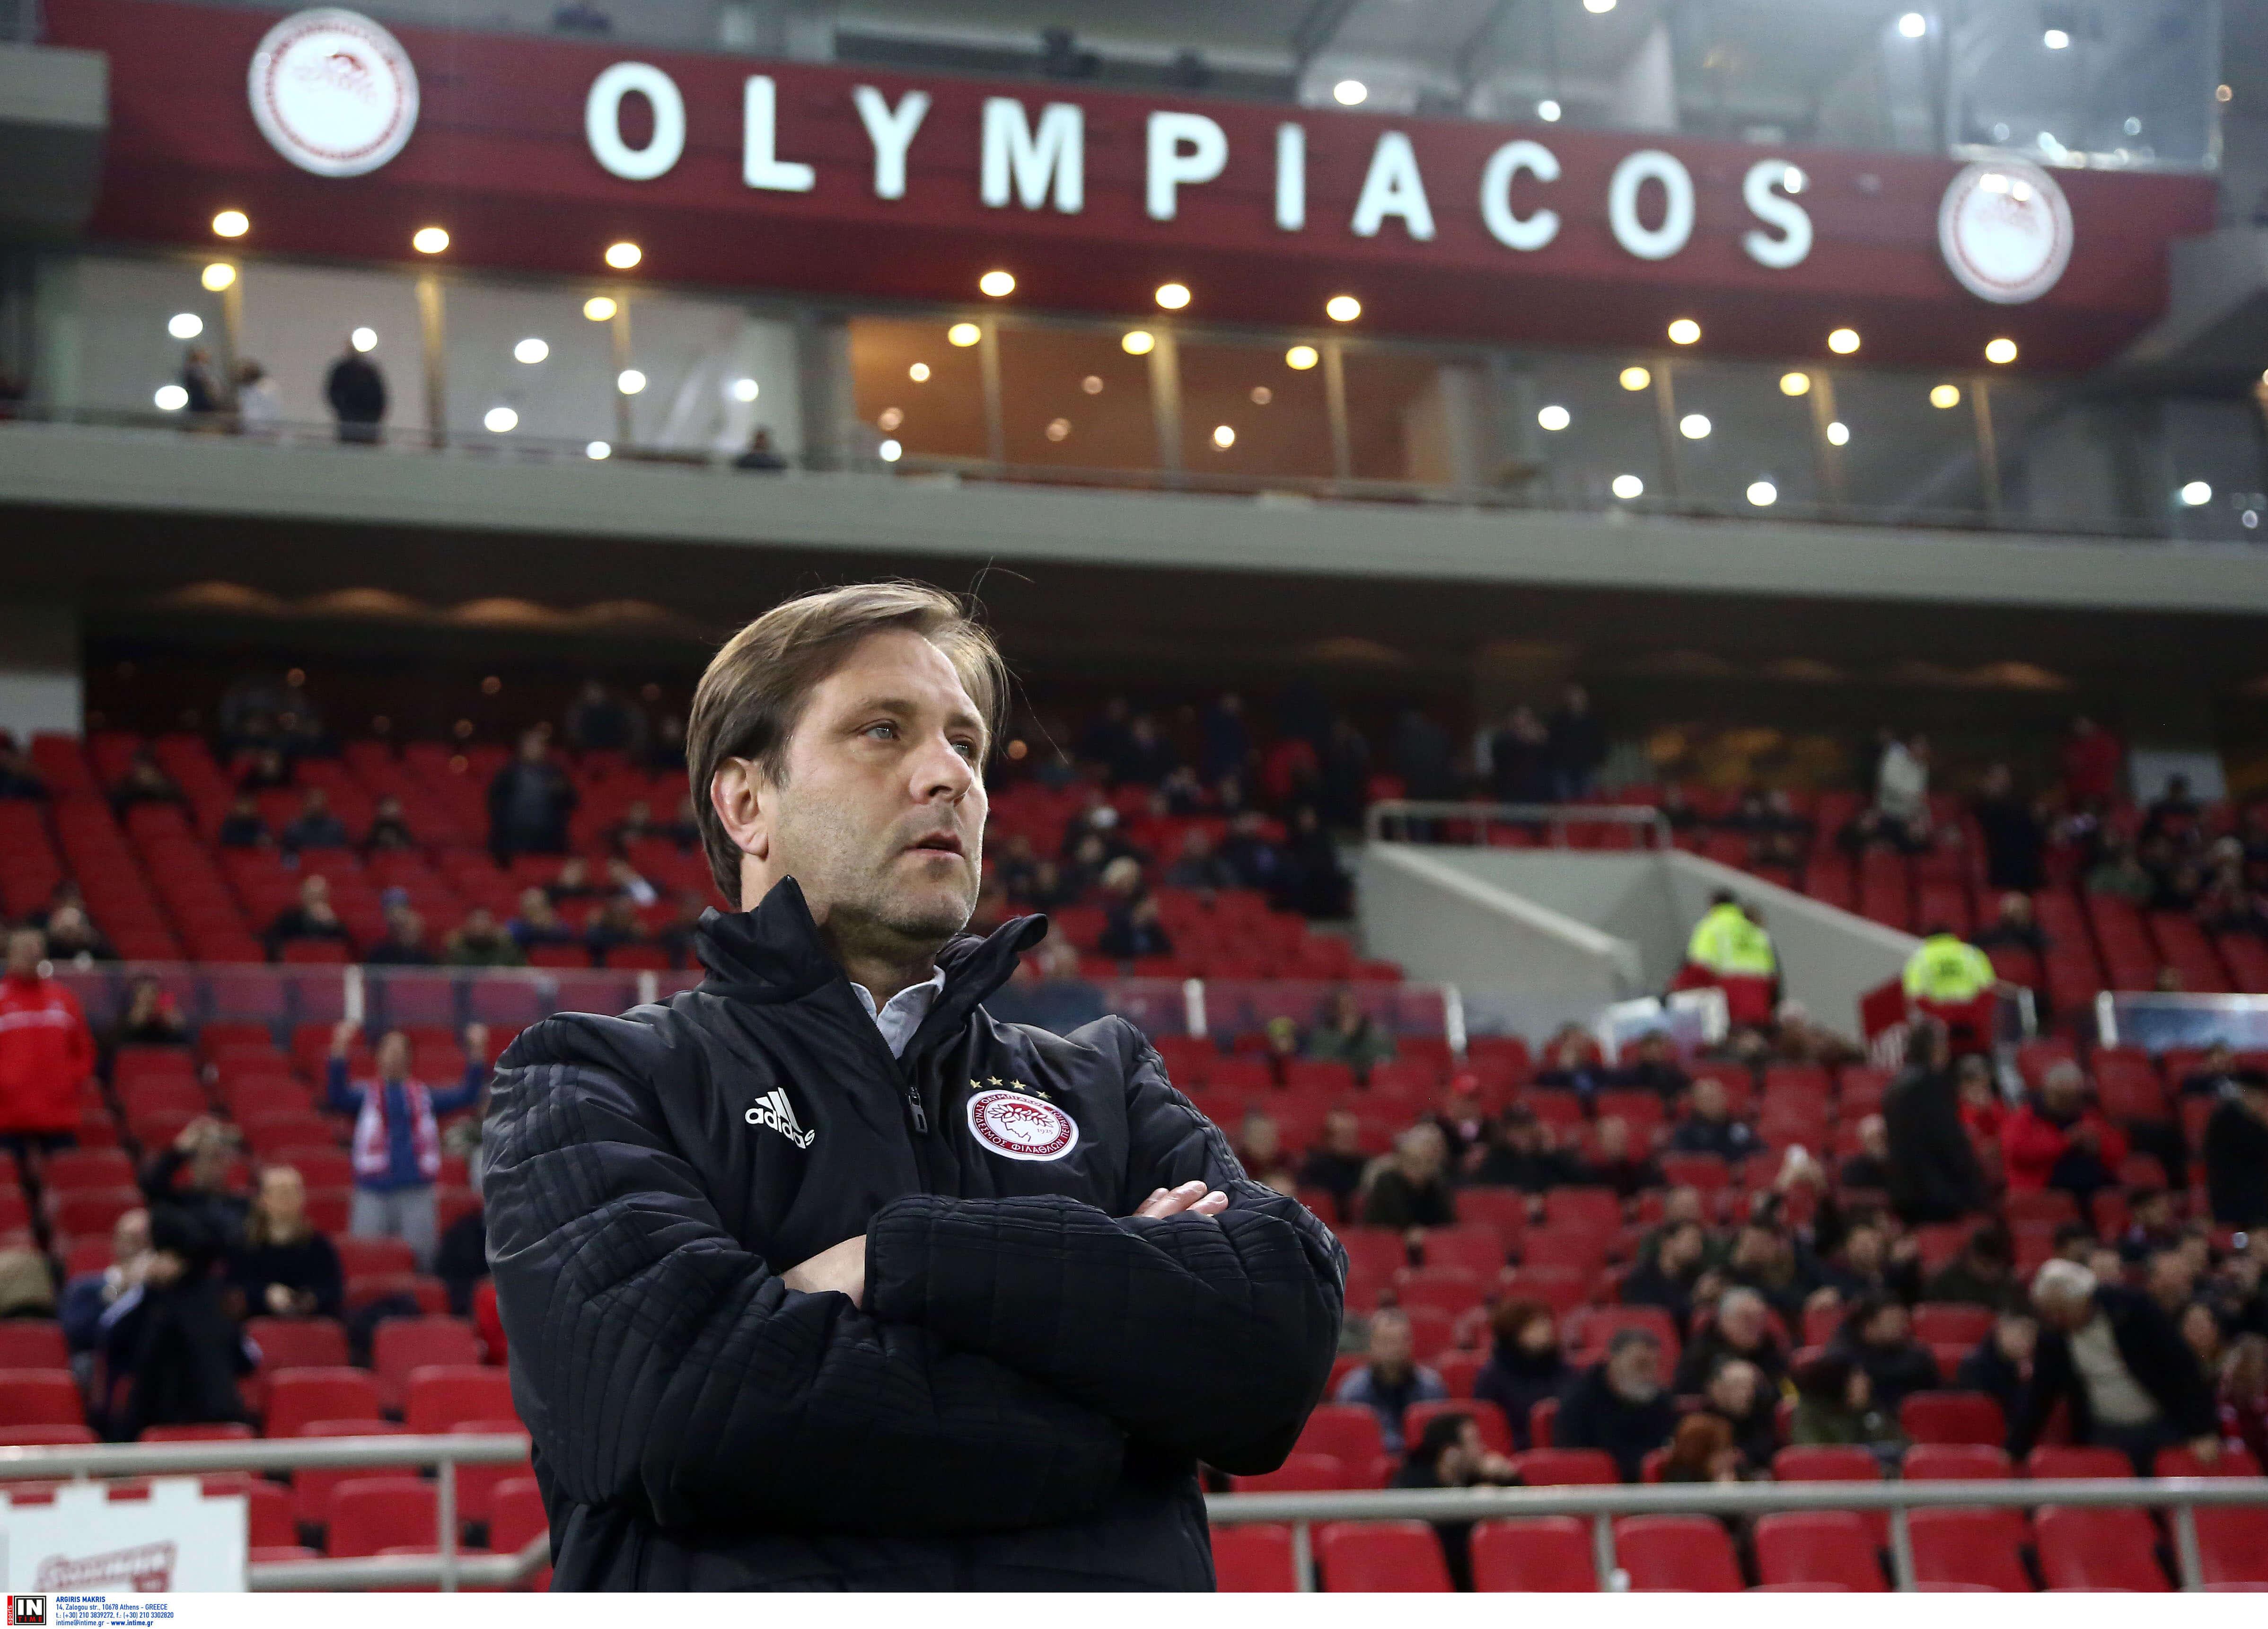 """Ολυμπιακός – Μαρτίνς: """"Δεν θα αλλάξουν πολλά στο ρόστερ για του χρόνου"""""""